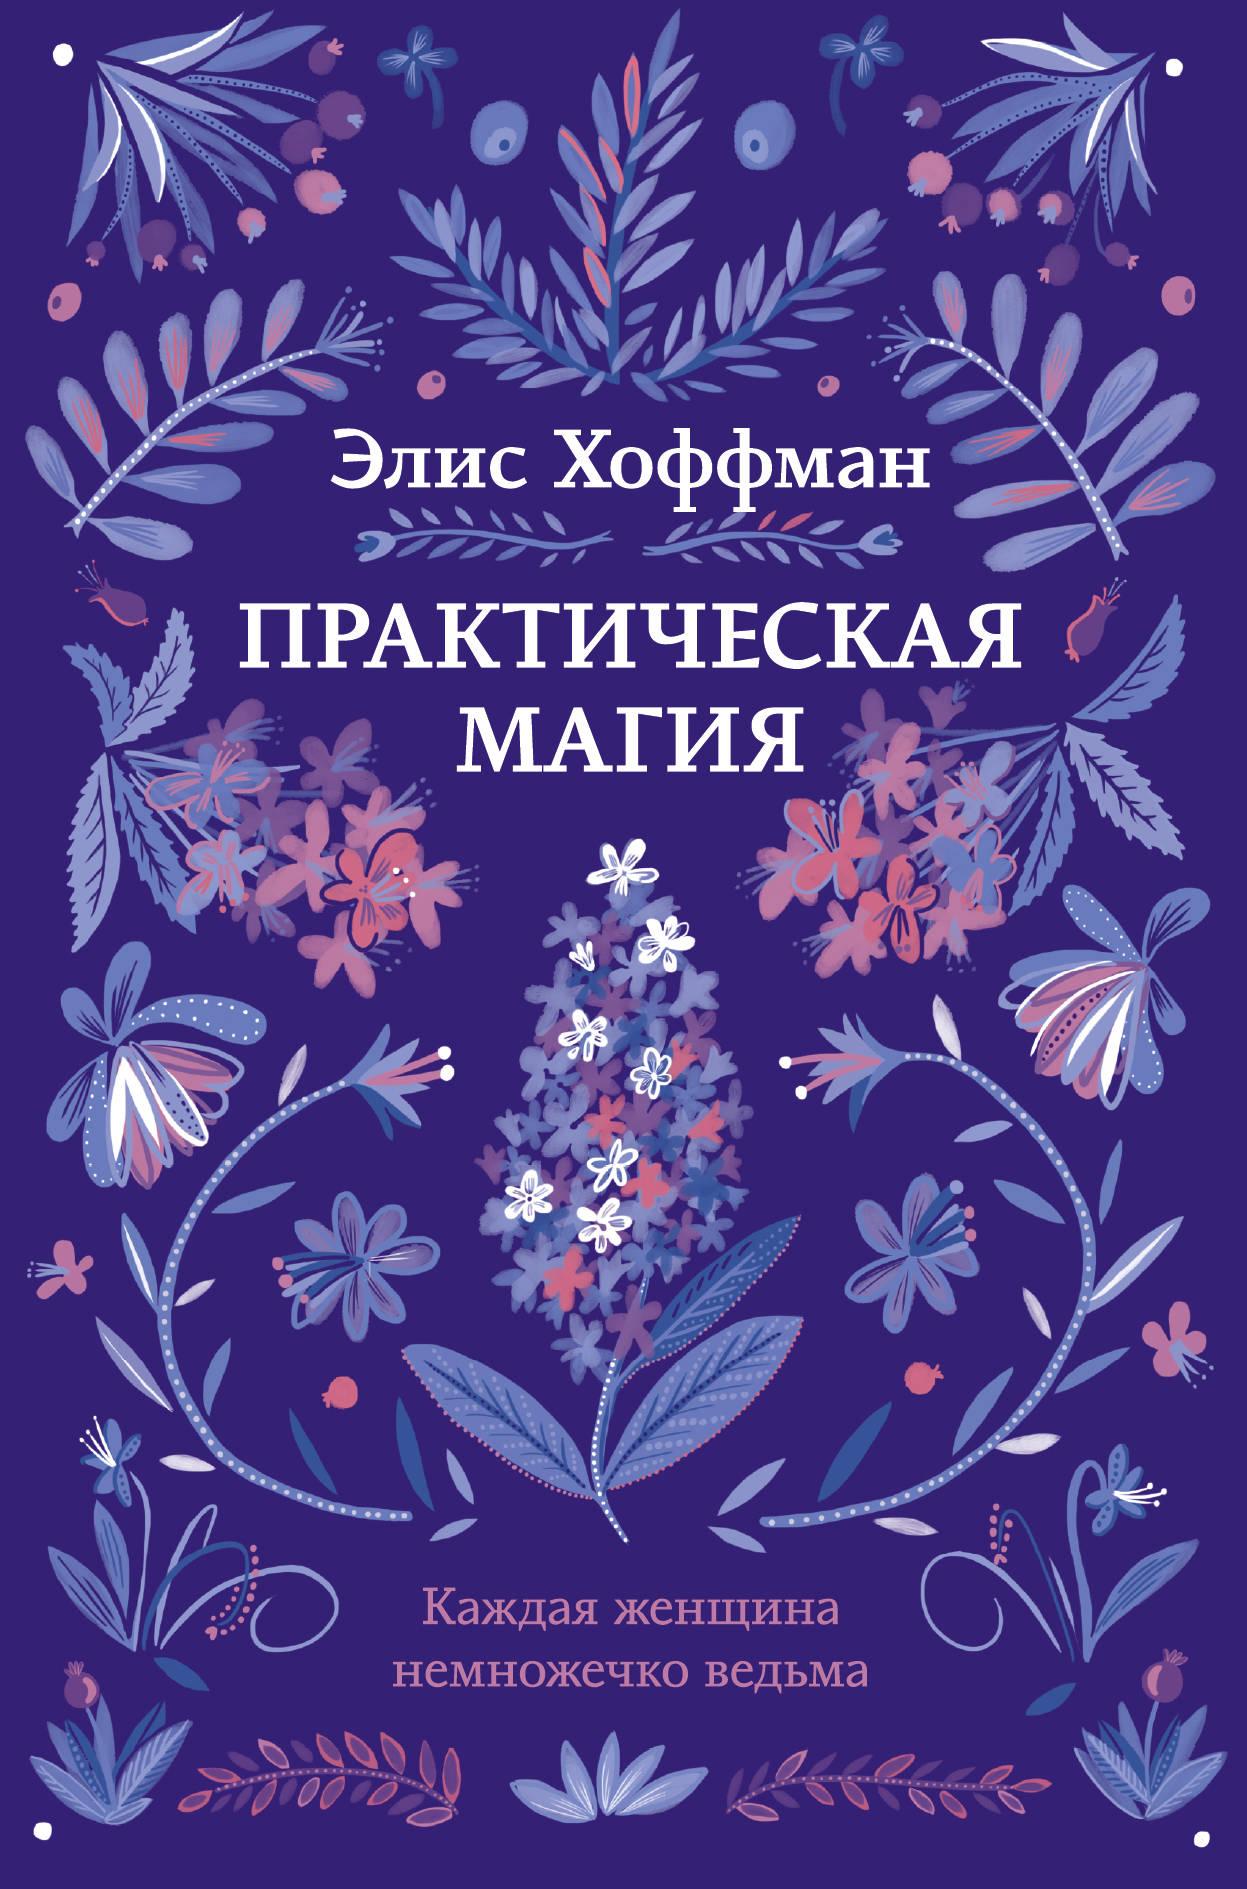 Элис Хоффман «Практическая магия»